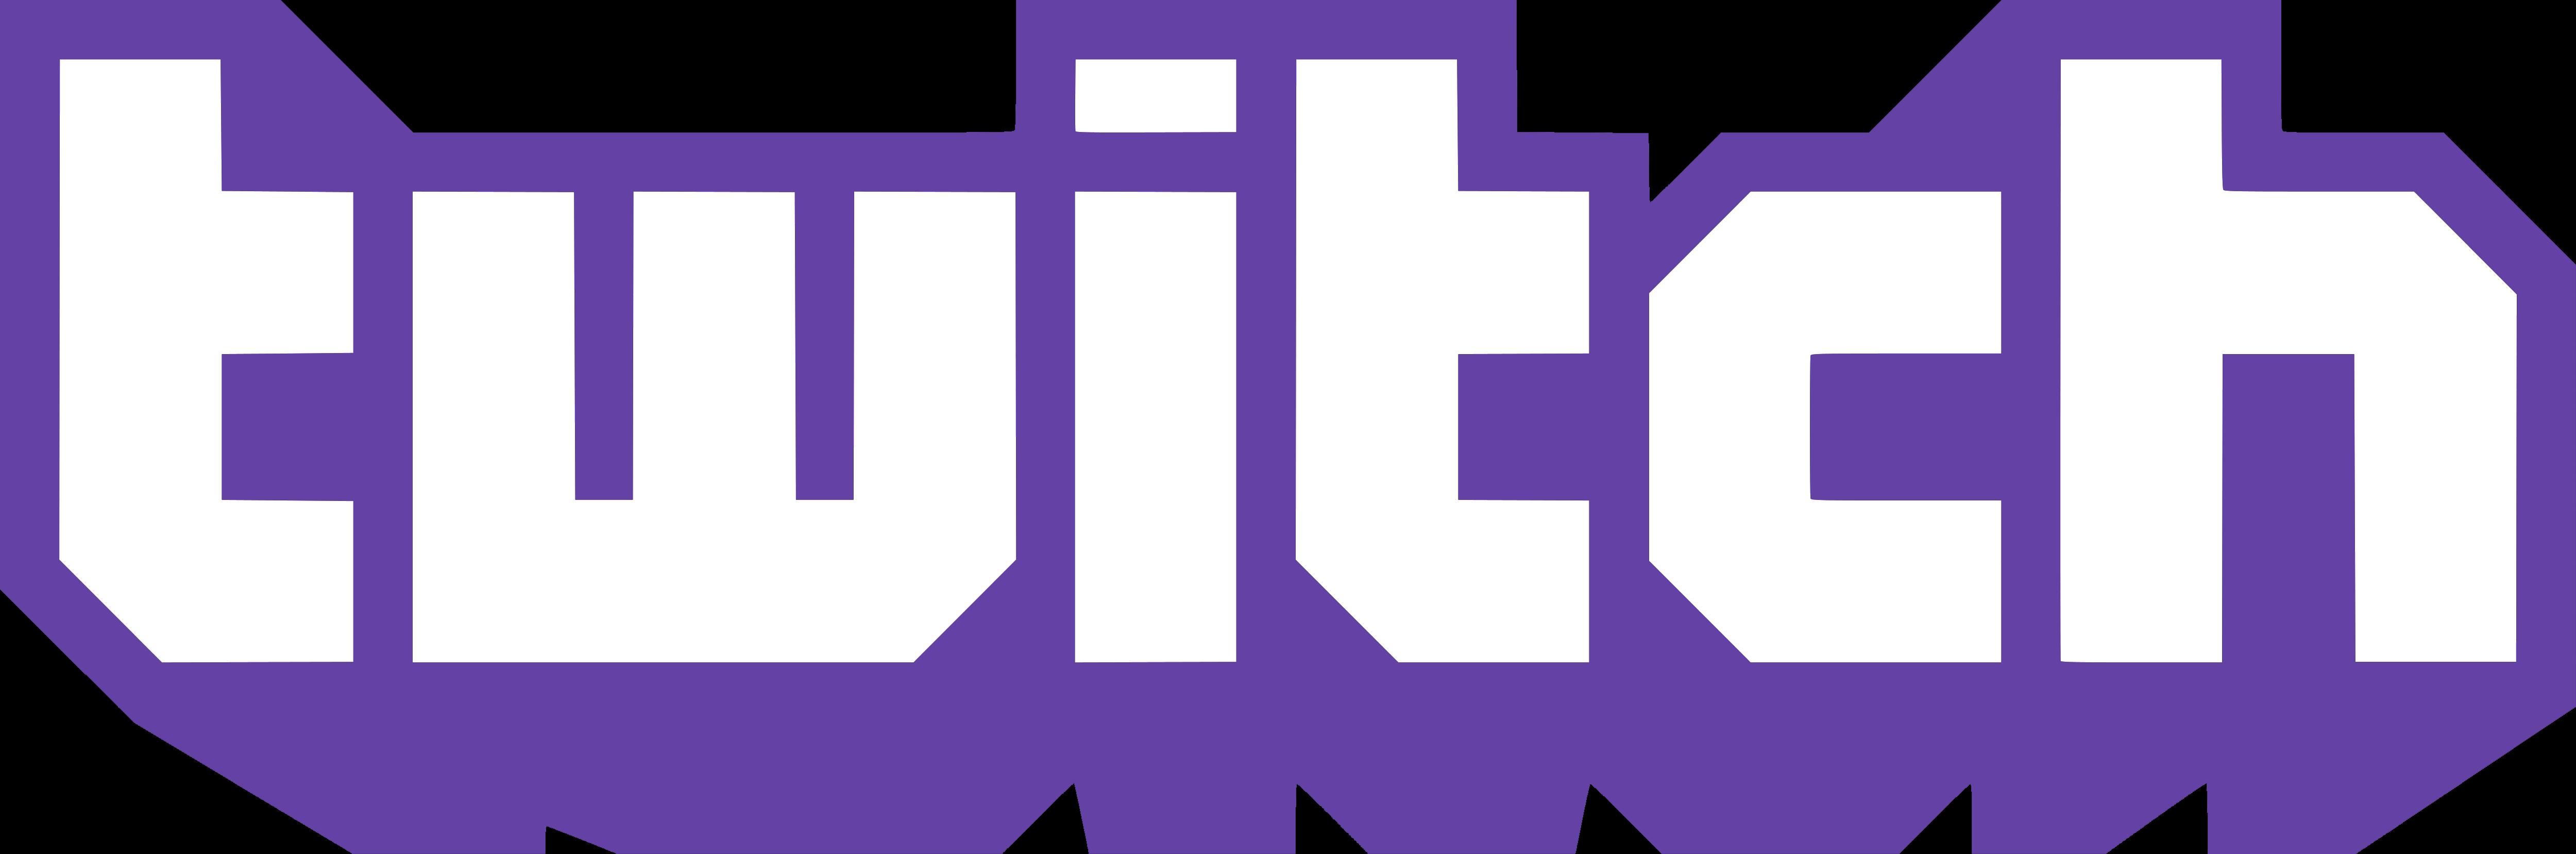 Twitch.